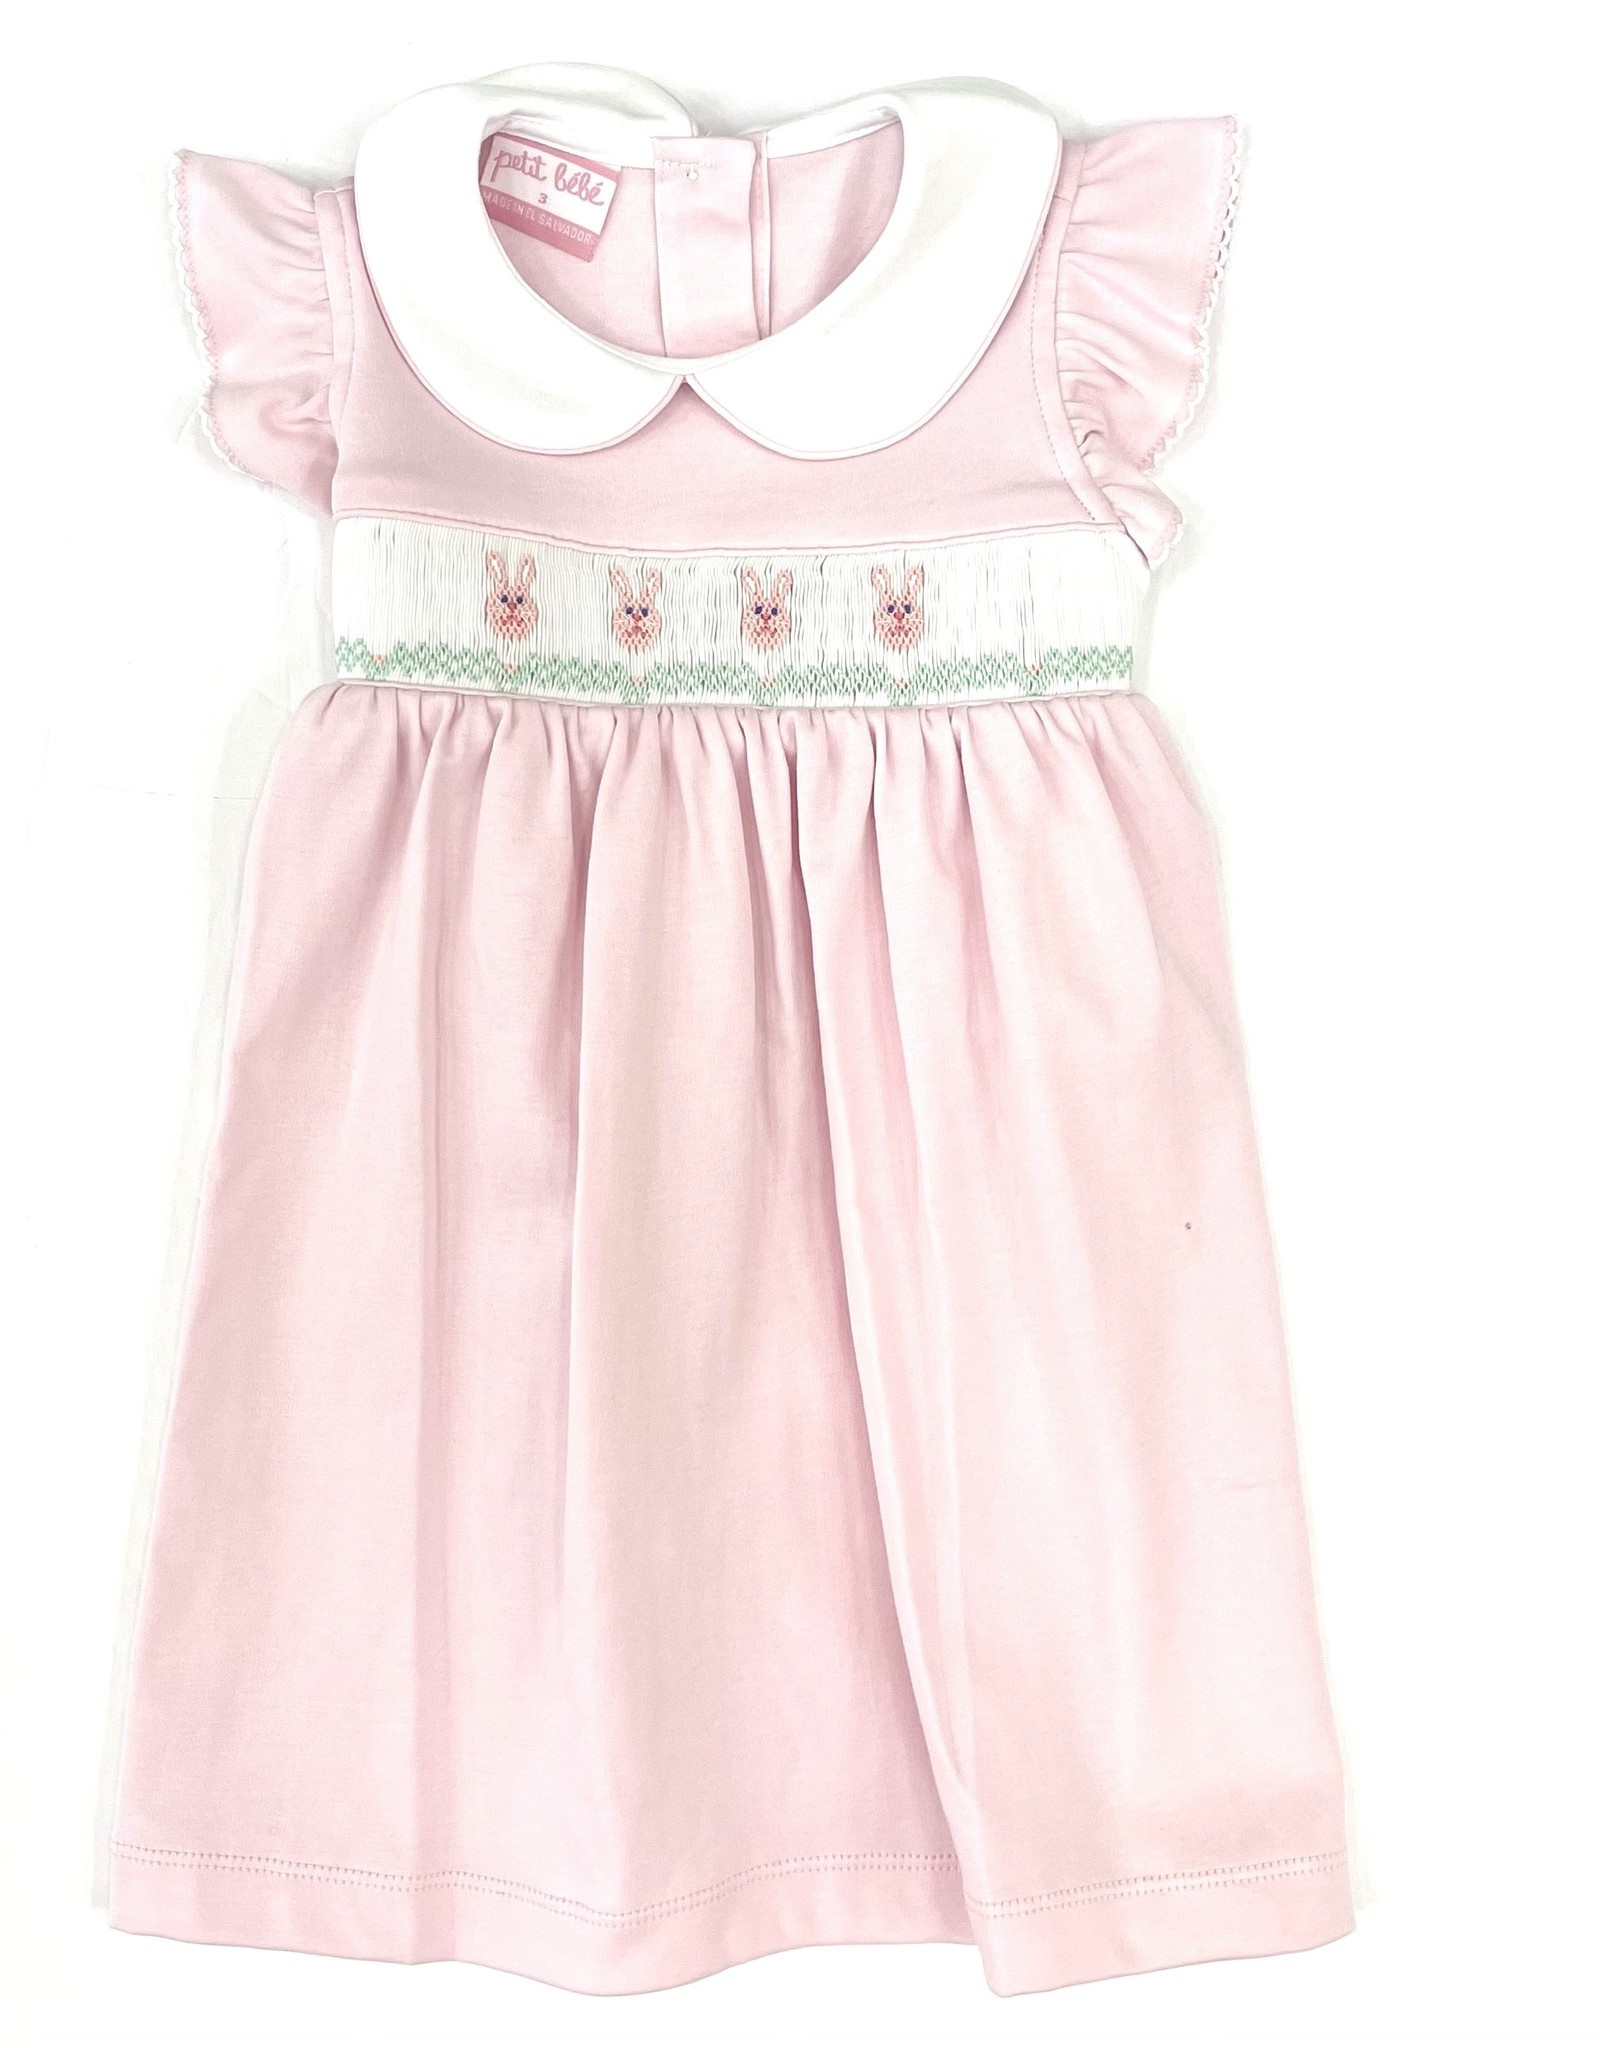 Petit Bebe Bunny Faces Light Pink Dress